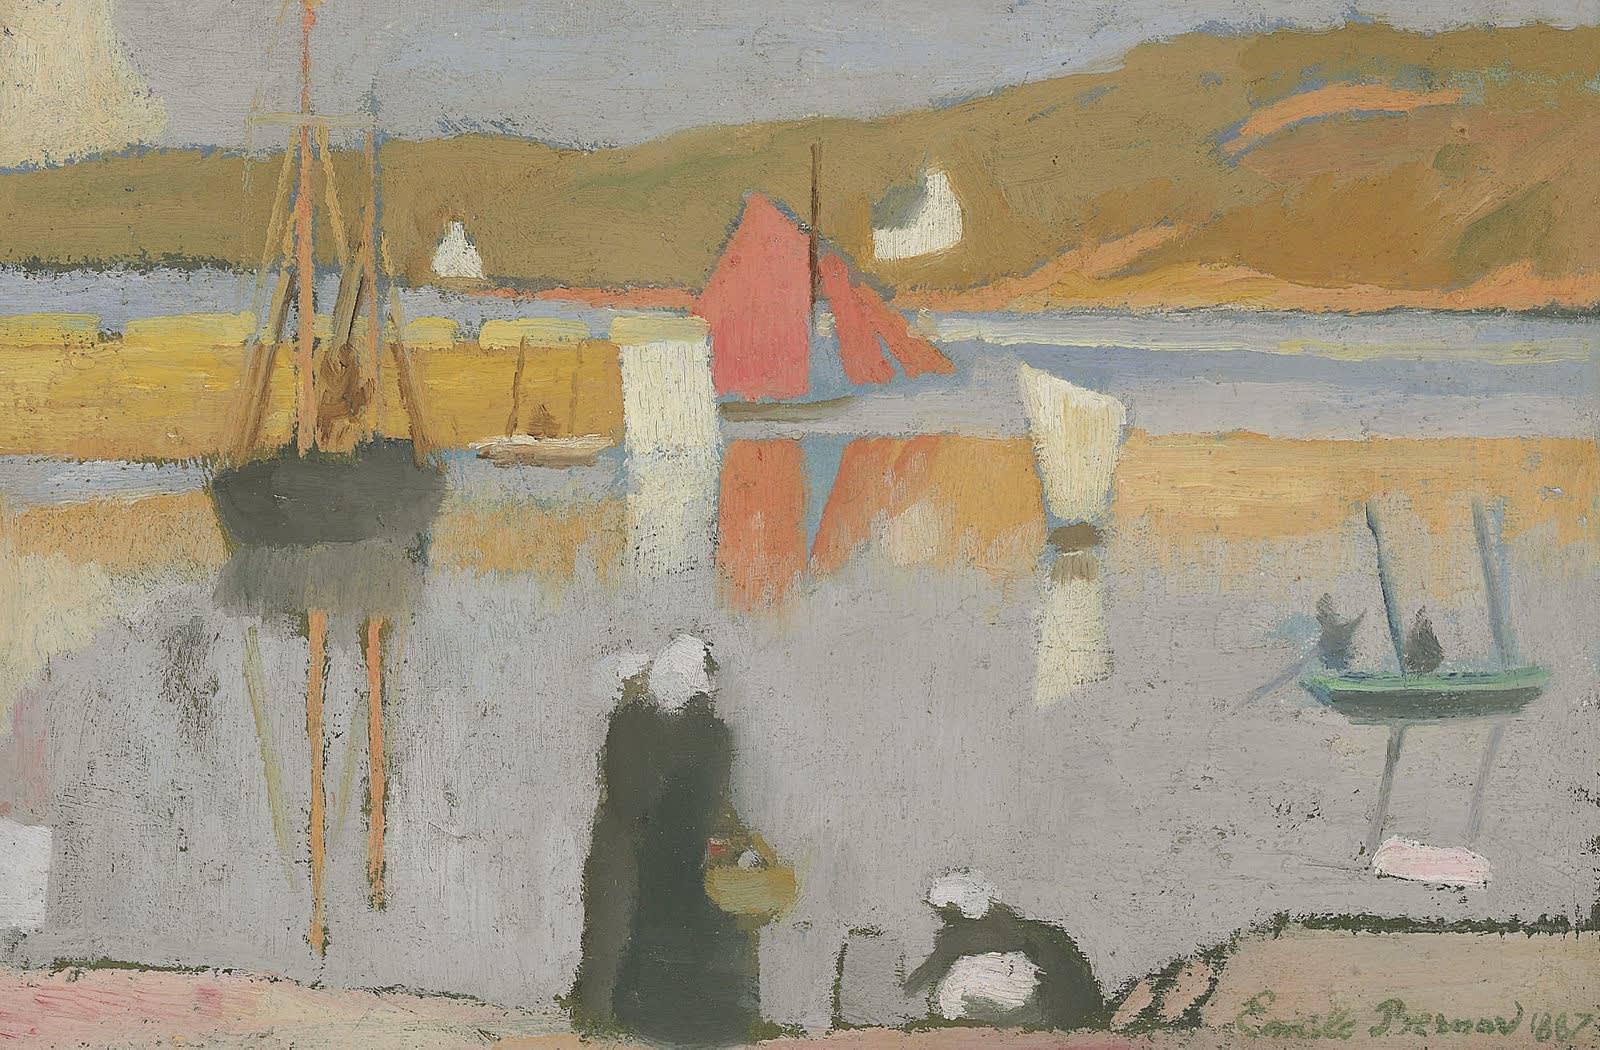 Emile Bernard (1868-1941), le port de Saint-Briac, Oil on canvas, 1887, private collection